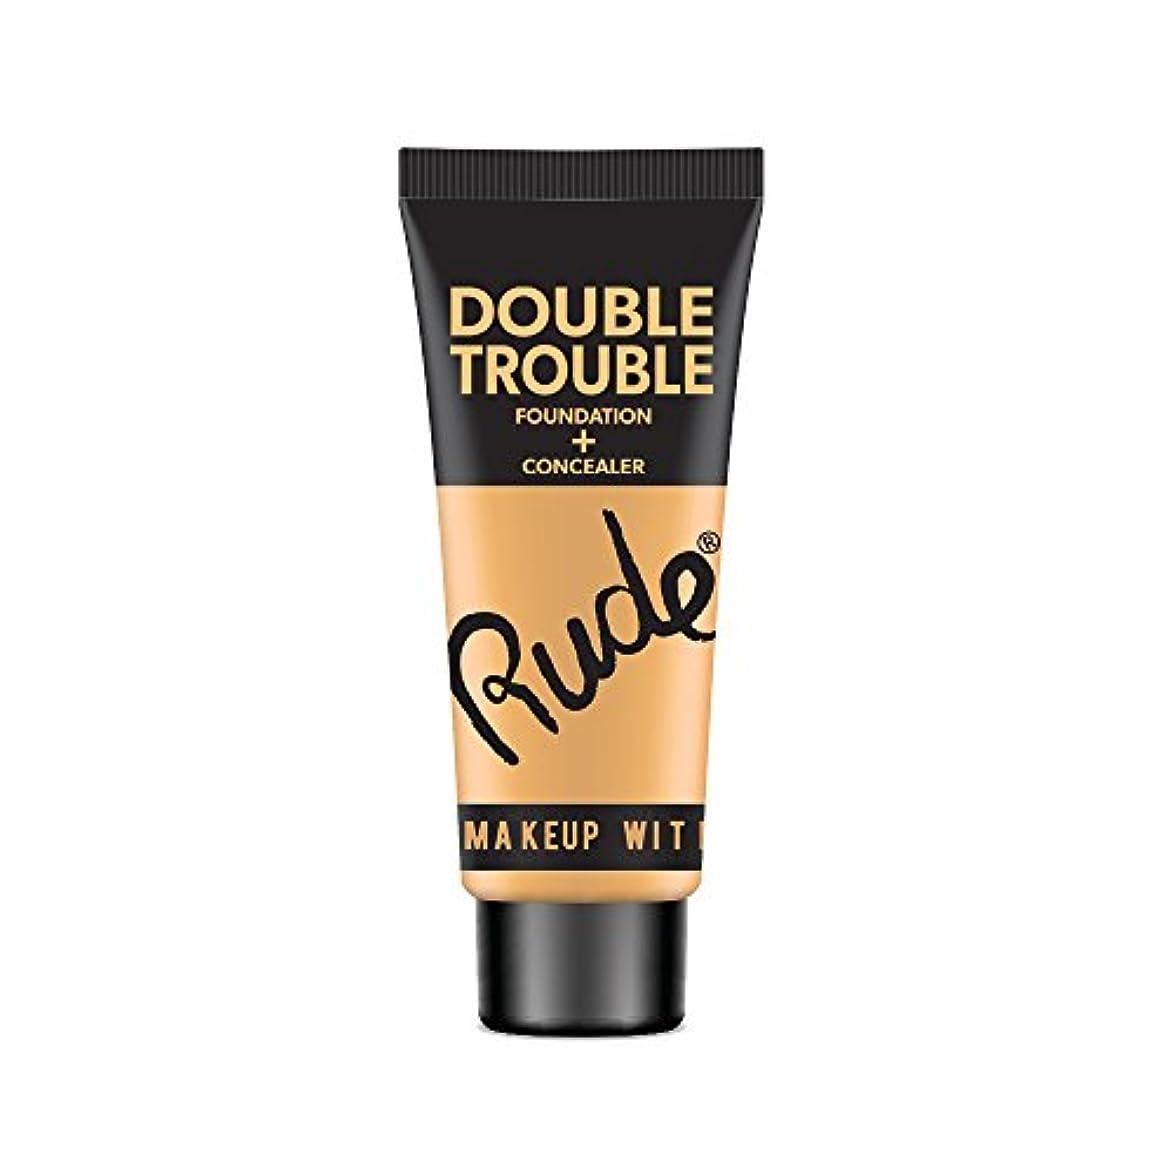 言い聞かせるわずらわしい期待して(3 Pack) RUDE Double Trouble Foundation + Concealer - Linen (並行輸入品)